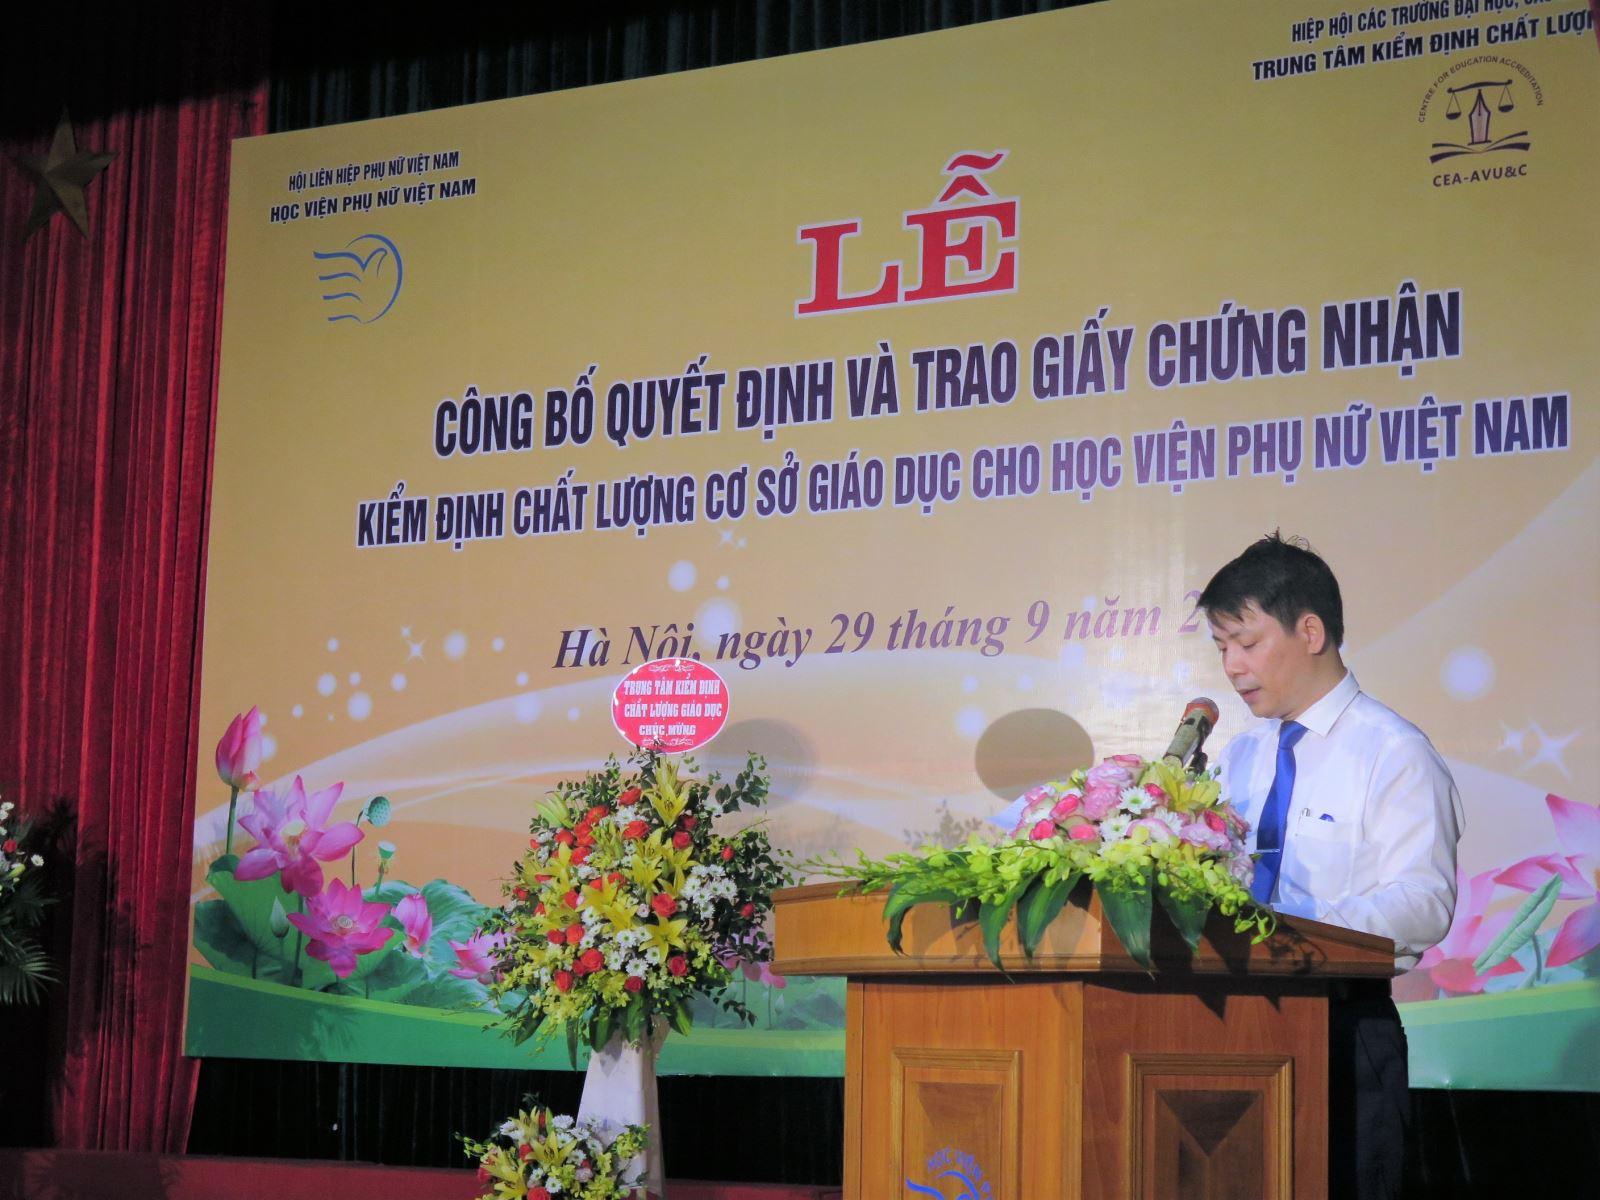 Phát biểu khai mạc Lễ Công bố quyết định và trao chứng nhận kiểm định chất lượng cơ sở giáo dục